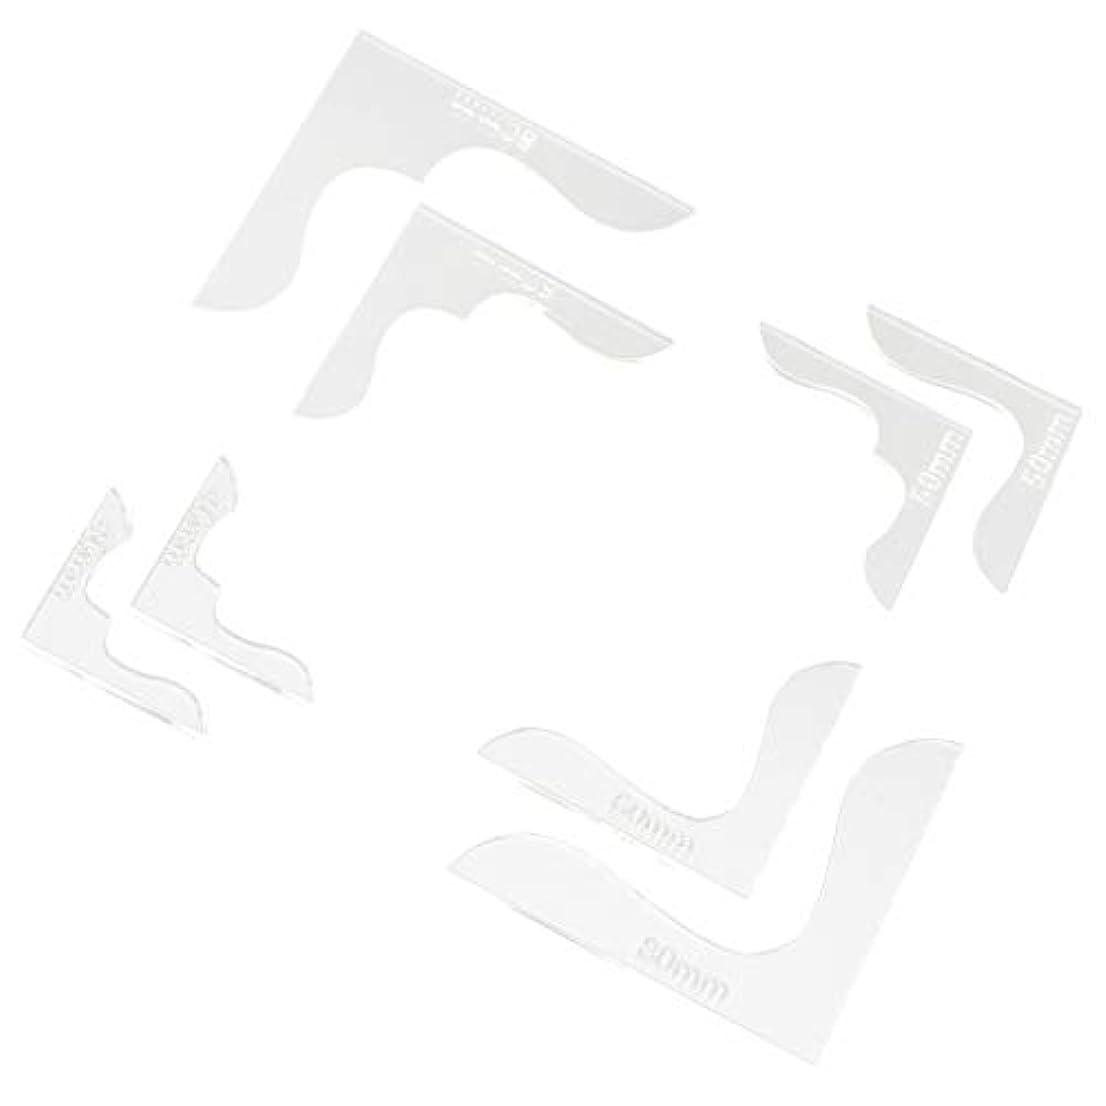 ラフレシアアルノルディ収容するグリットレザークラフト 革工芸 角花 アクリル モールド 製図用 コーナー テンプレート 透明 軽量 8本入